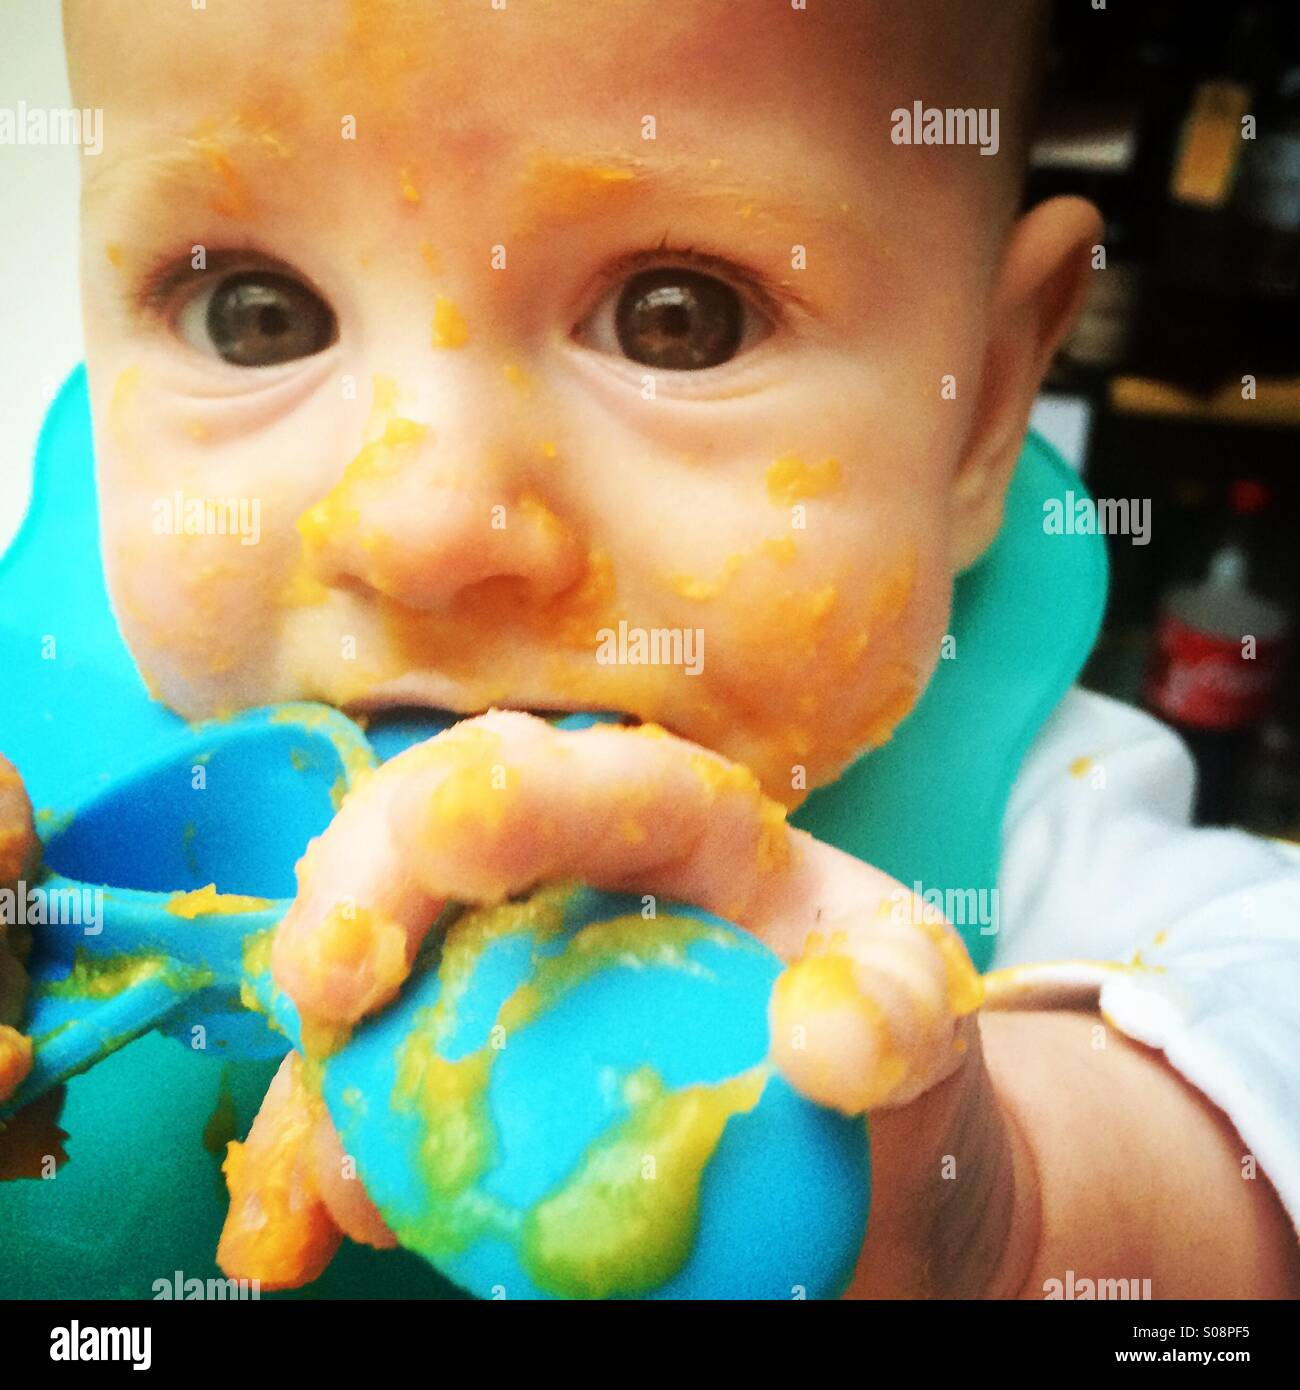 Baby Boy Kupplungen fast 6 Monate alt Entwöhnung Löffel als er versucht, pürierten Kürbis Essen Stockbild